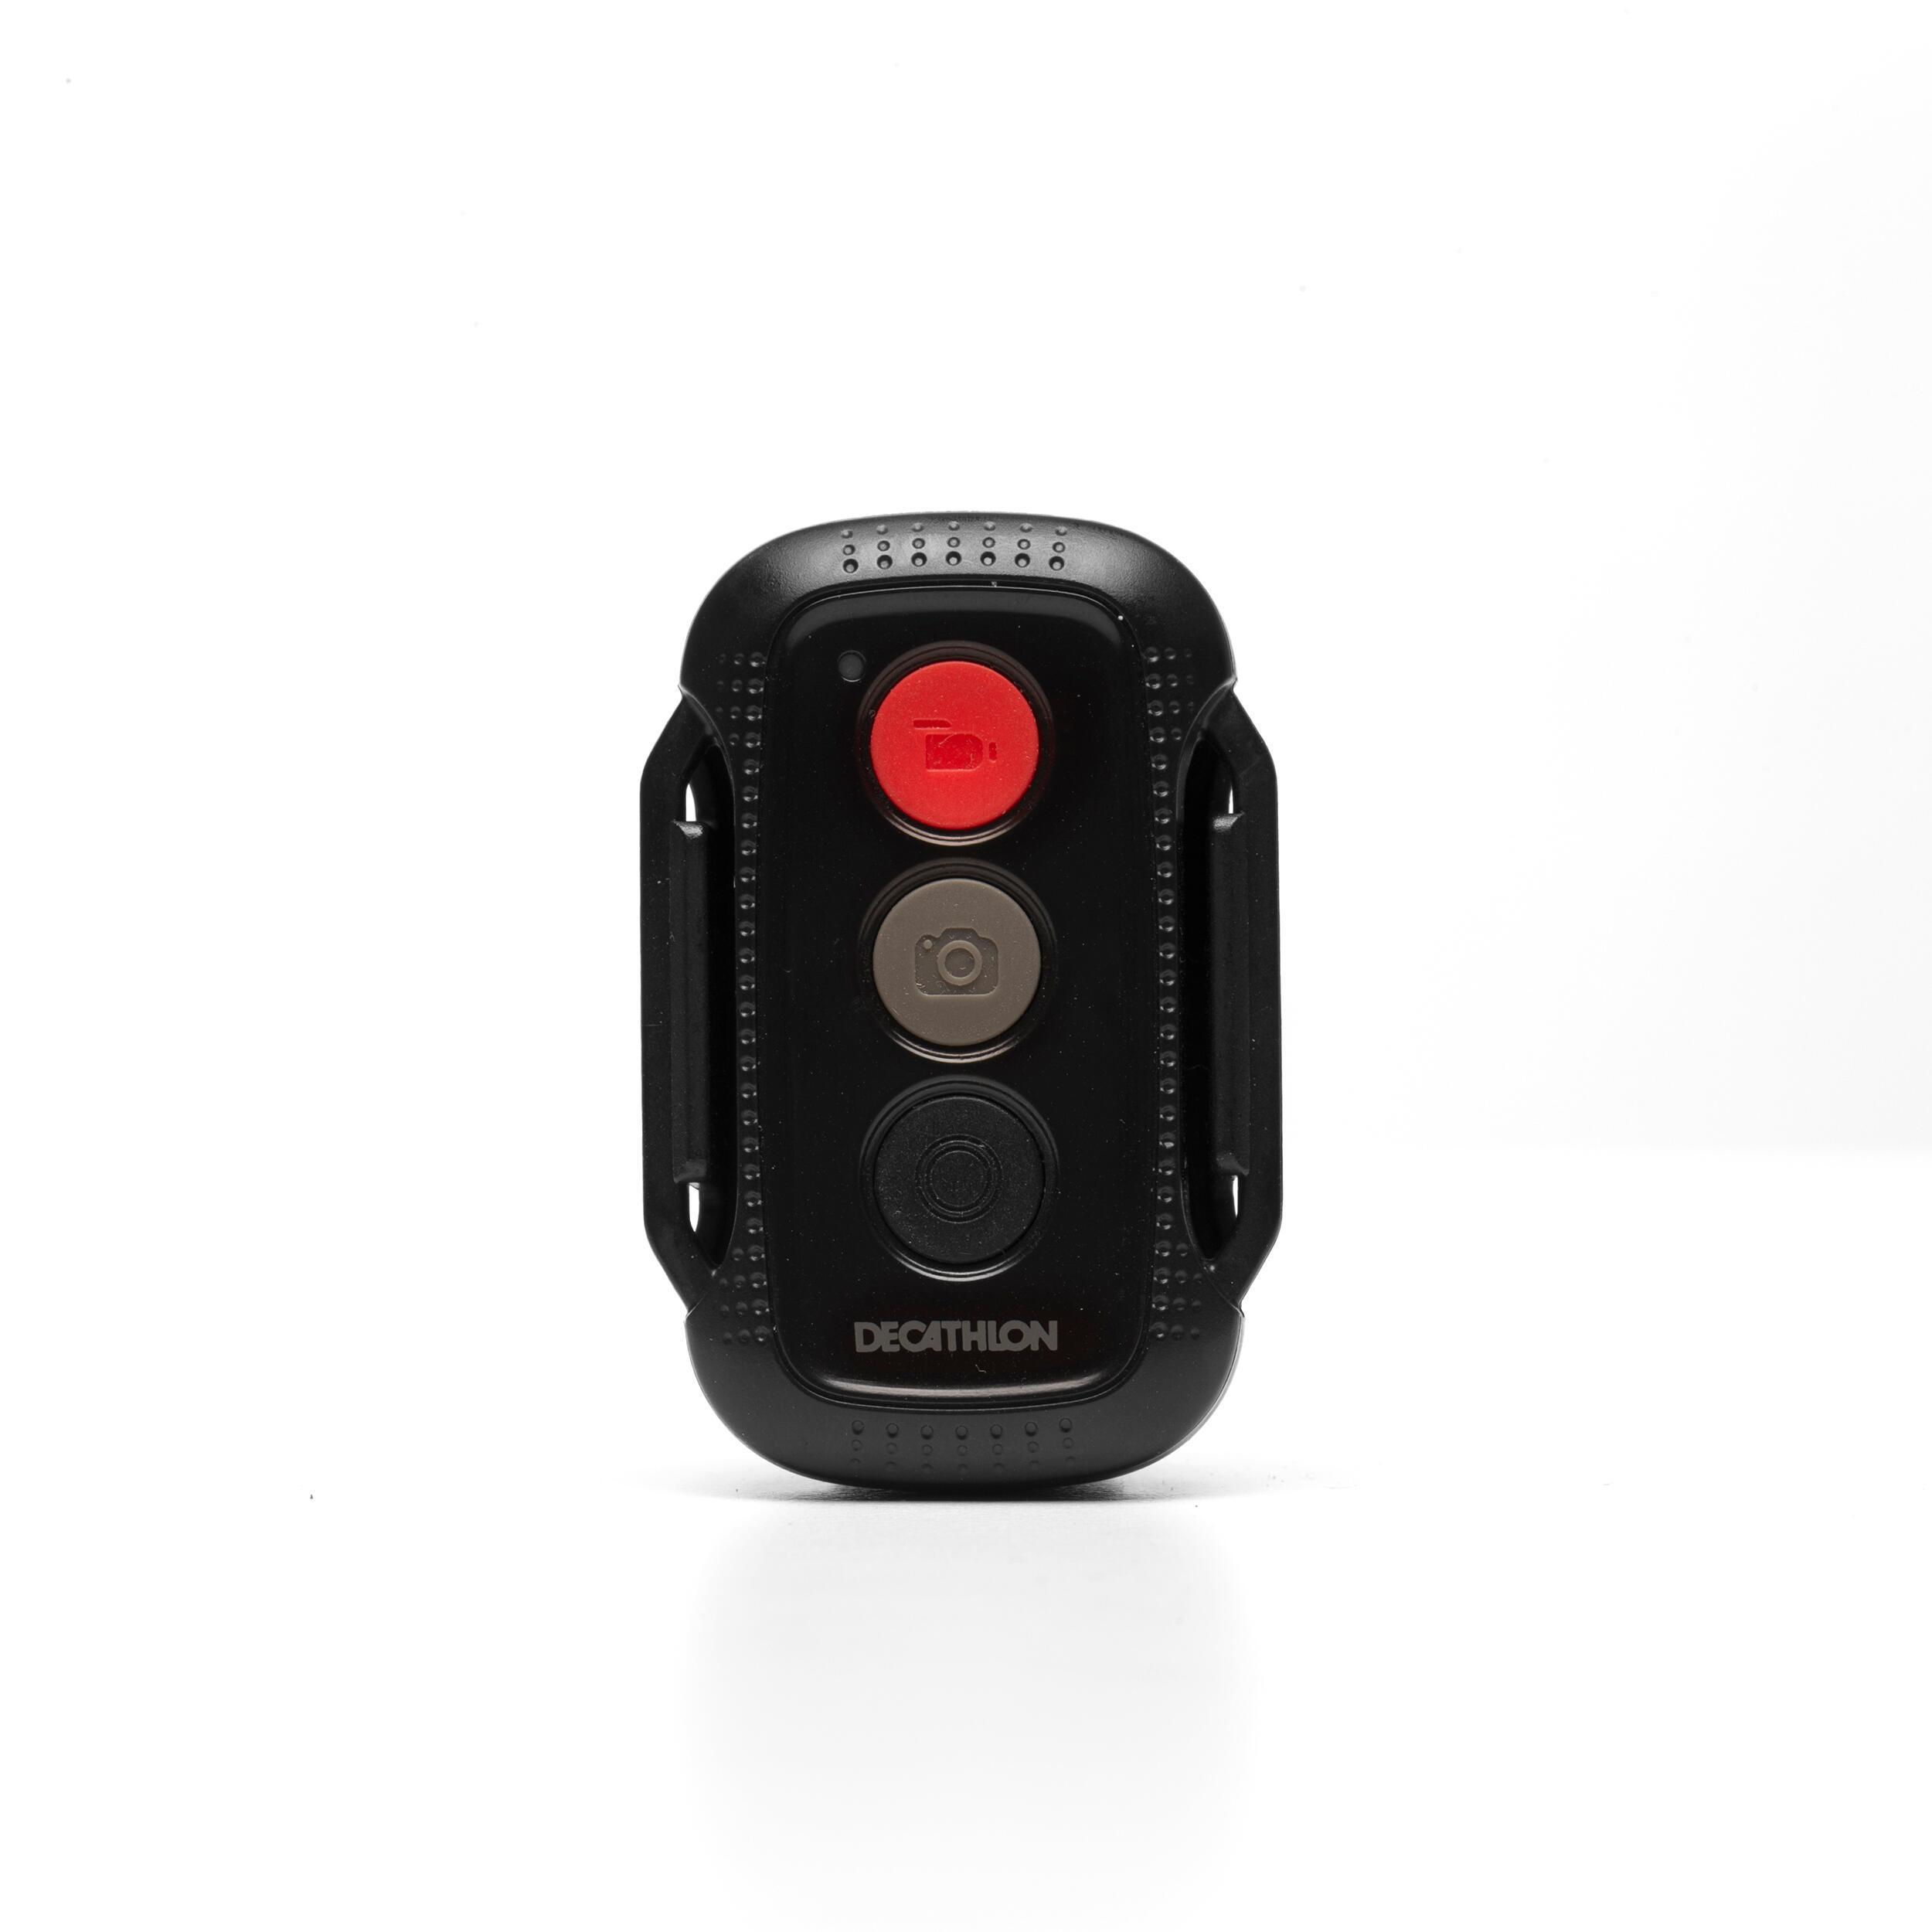 Bluetooth-Fernbedienung für die Sportkameras G-Eye 500 (2017) und 900